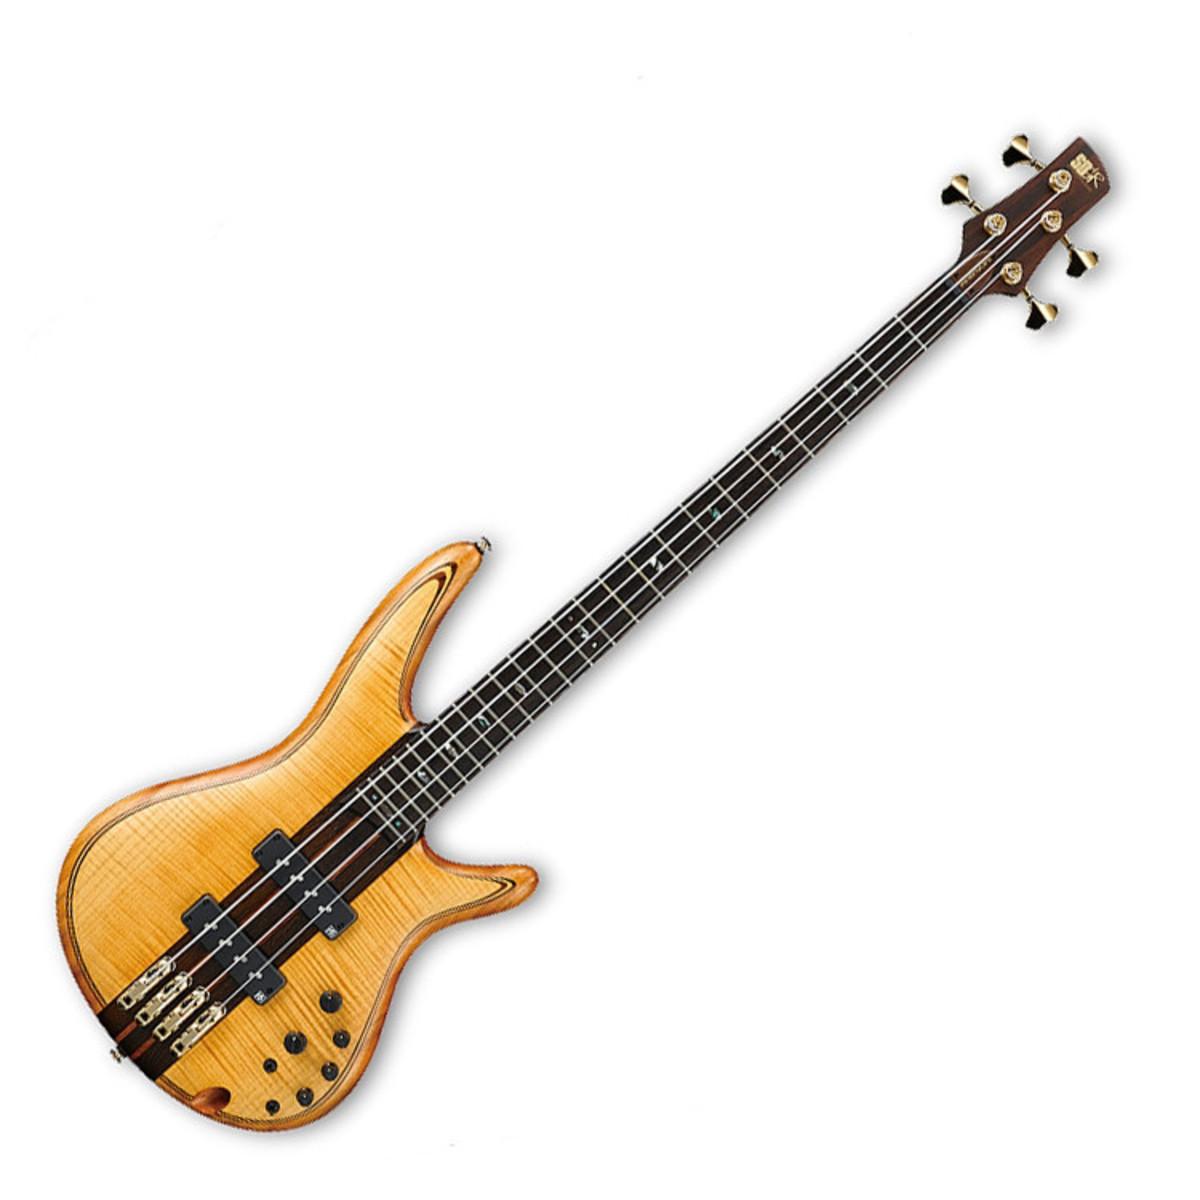 ibanez sr1400t vnf premium 4 string bass guitar vintage natural flat at. Black Bedroom Furniture Sets. Home Design Ideas